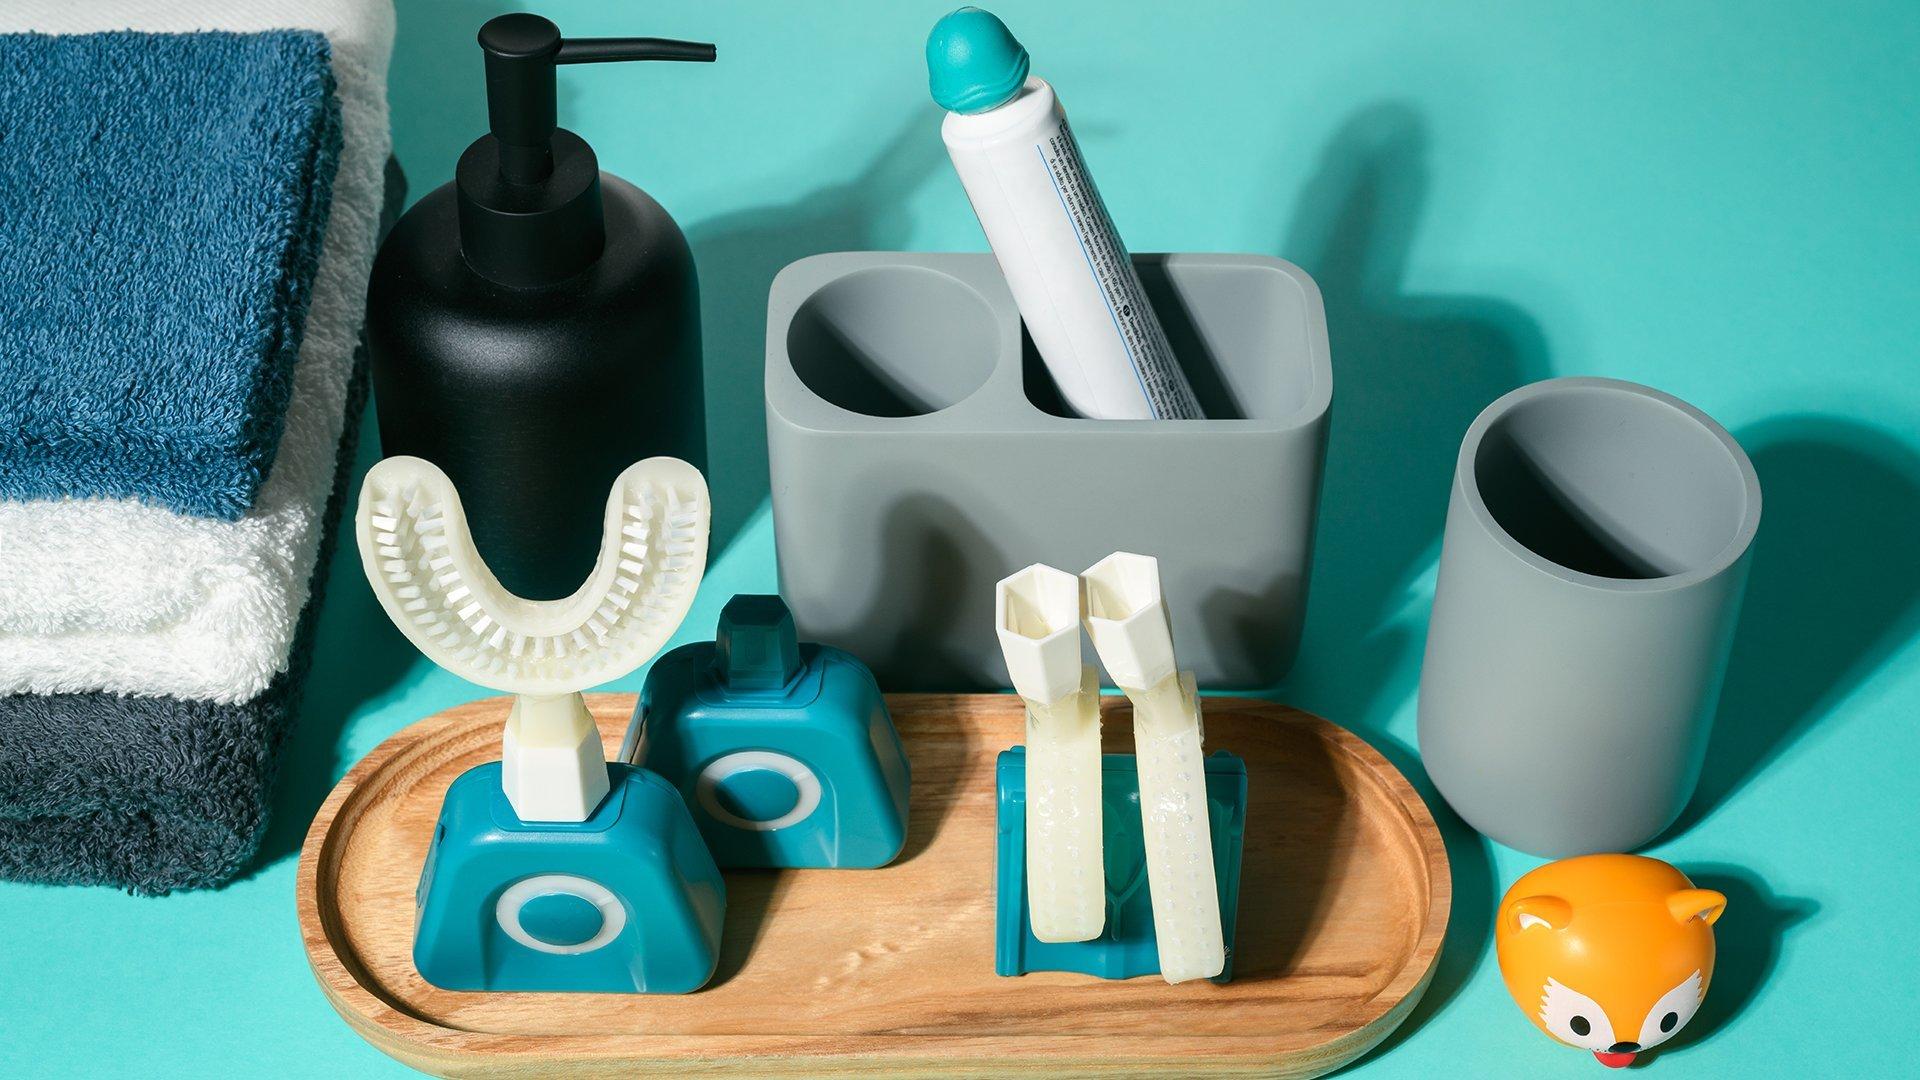 La brosse à dents Y-Brush peut également s'accompagner de plusieurs accessoires qui sont également en promotion à -15% sur le site pendant les French Days.